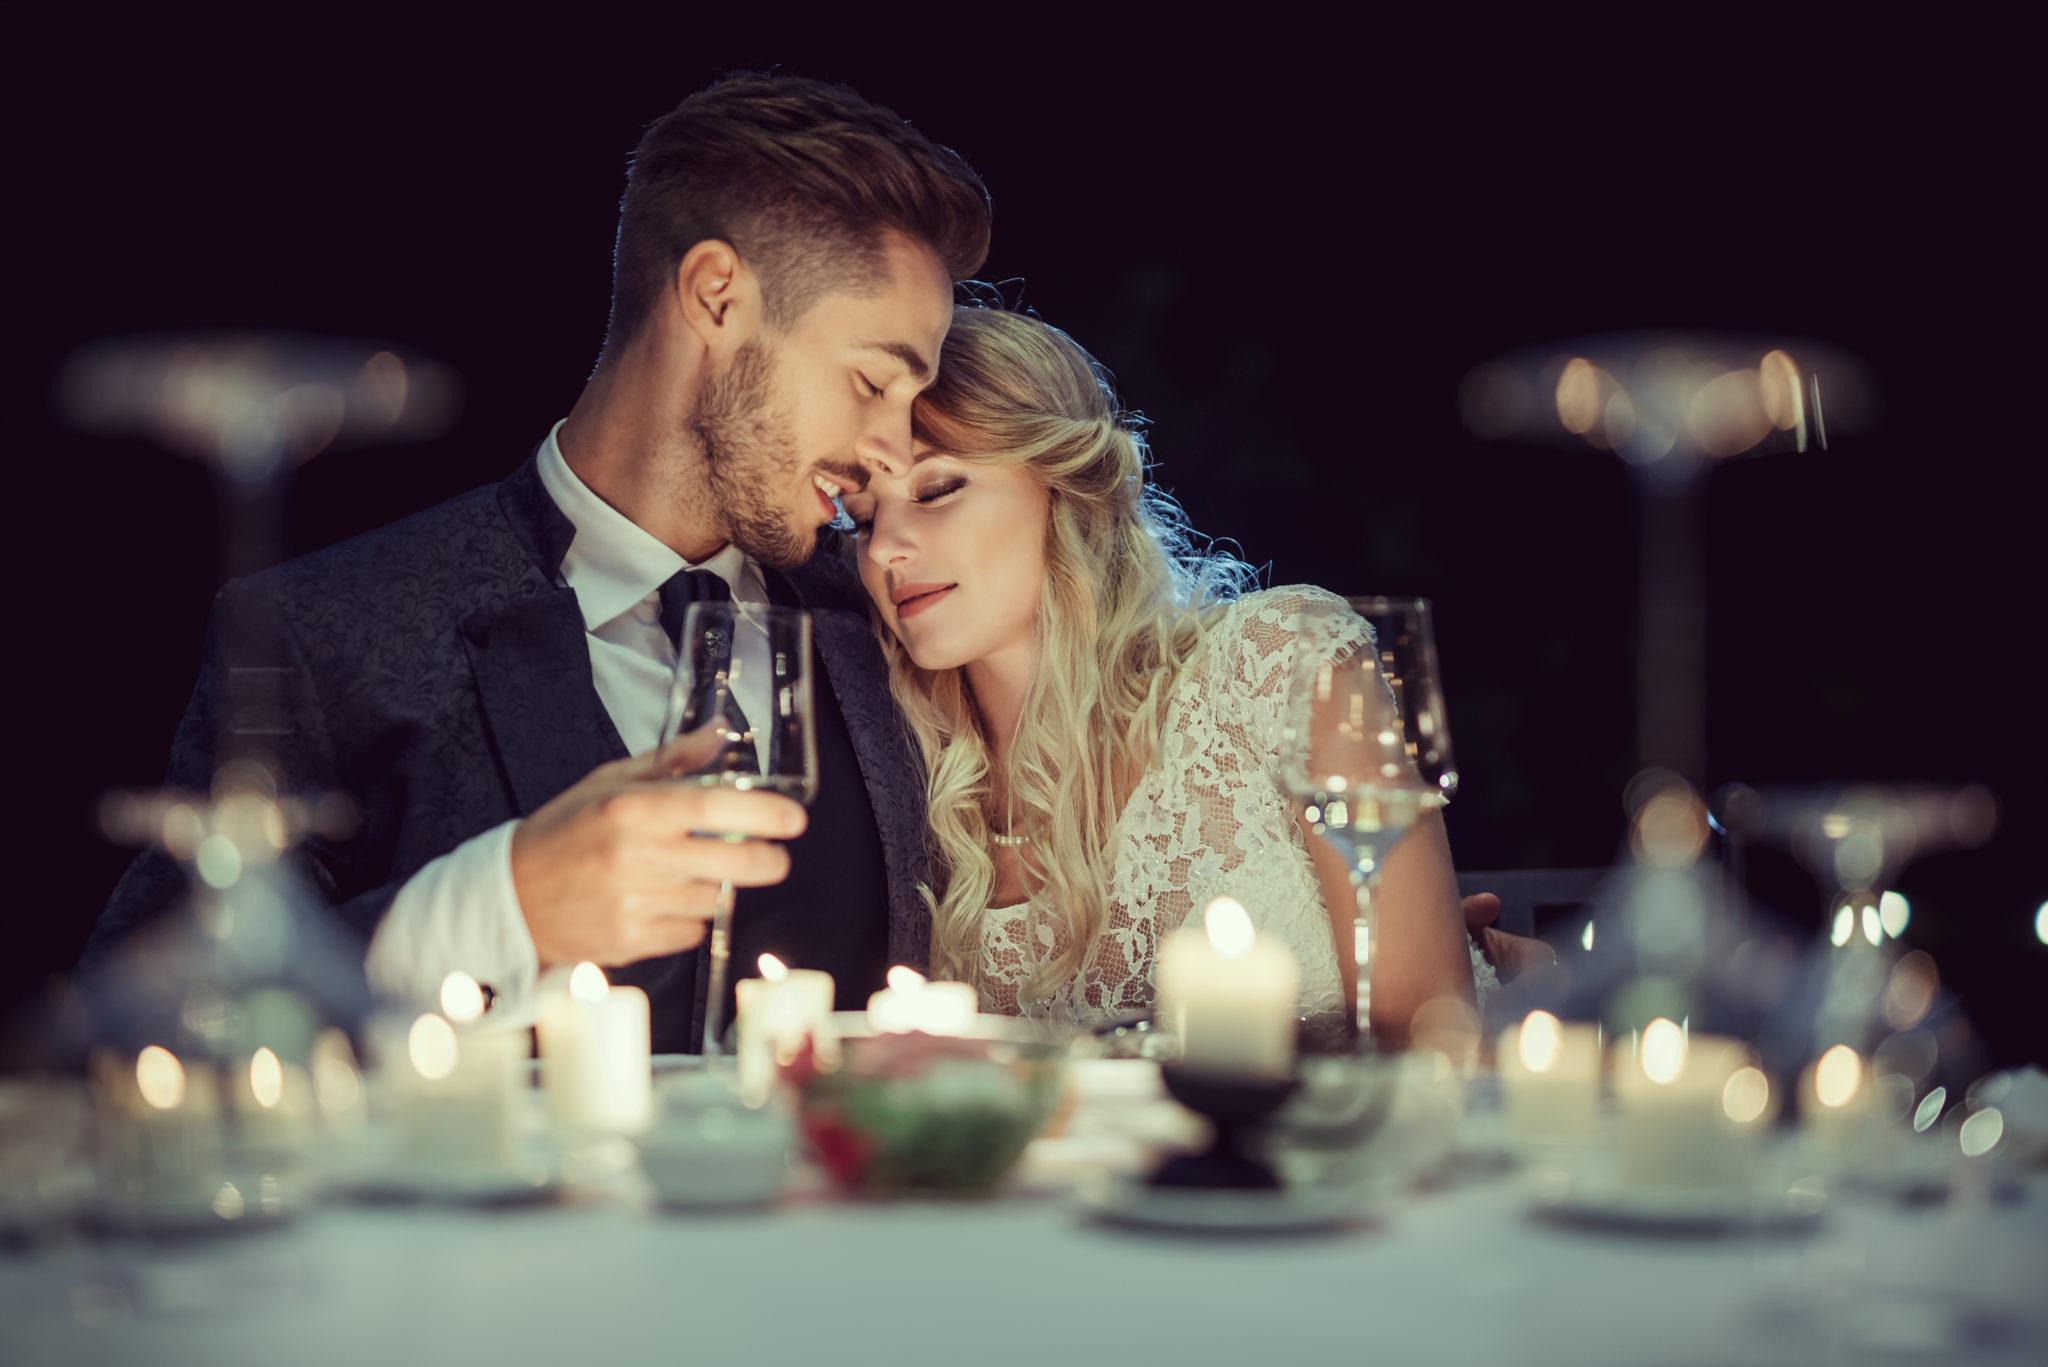 Romantisch im Vier Sinne